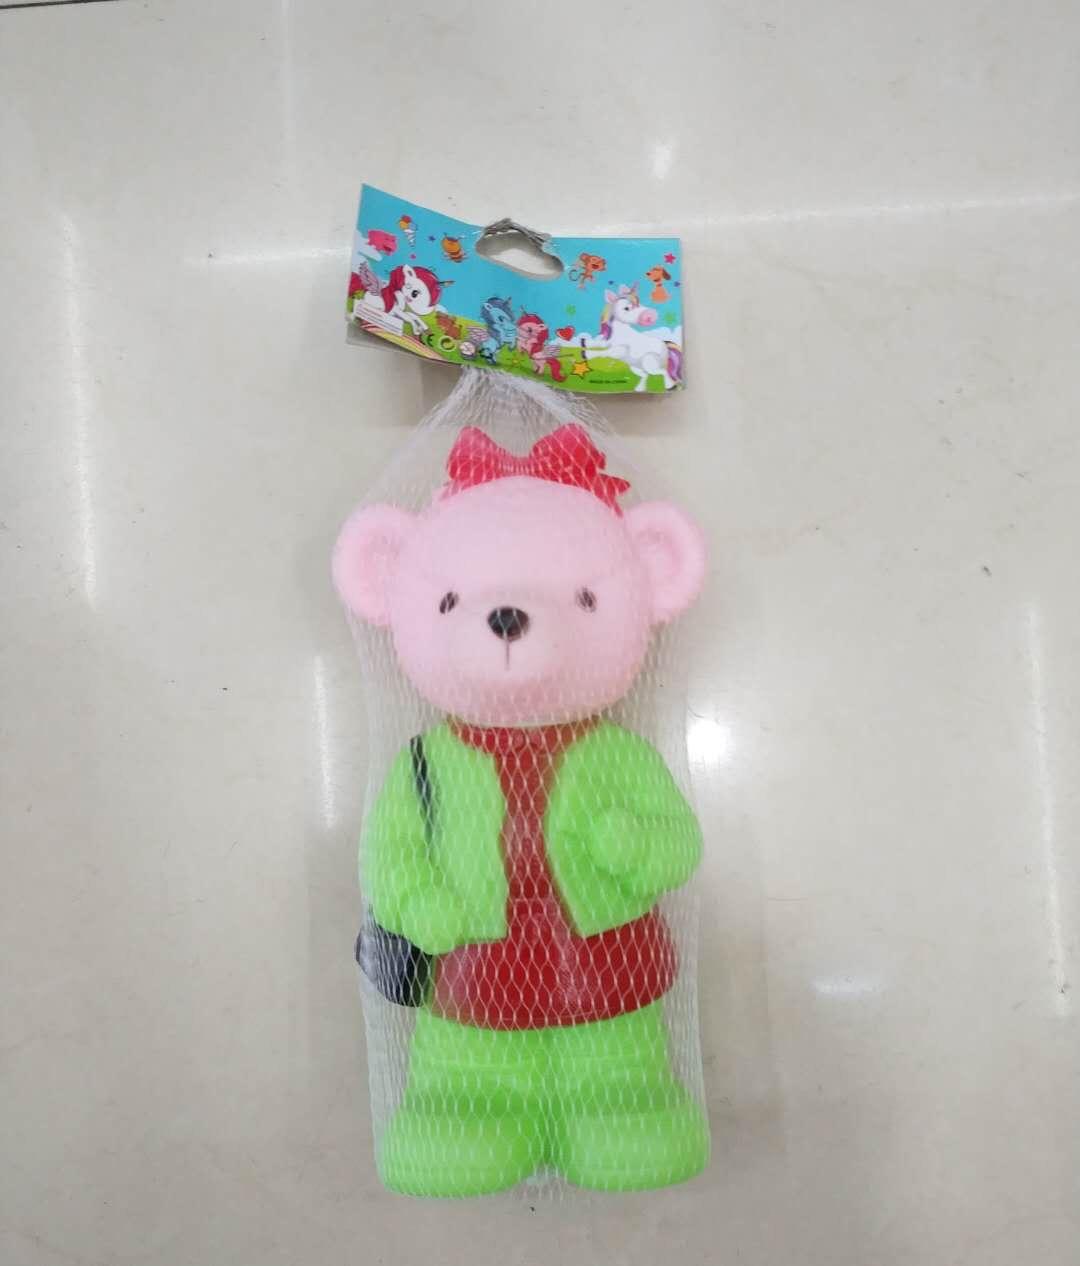 儿童玩具搪胶熊博士衣服青色会叫捏捏叫小熊